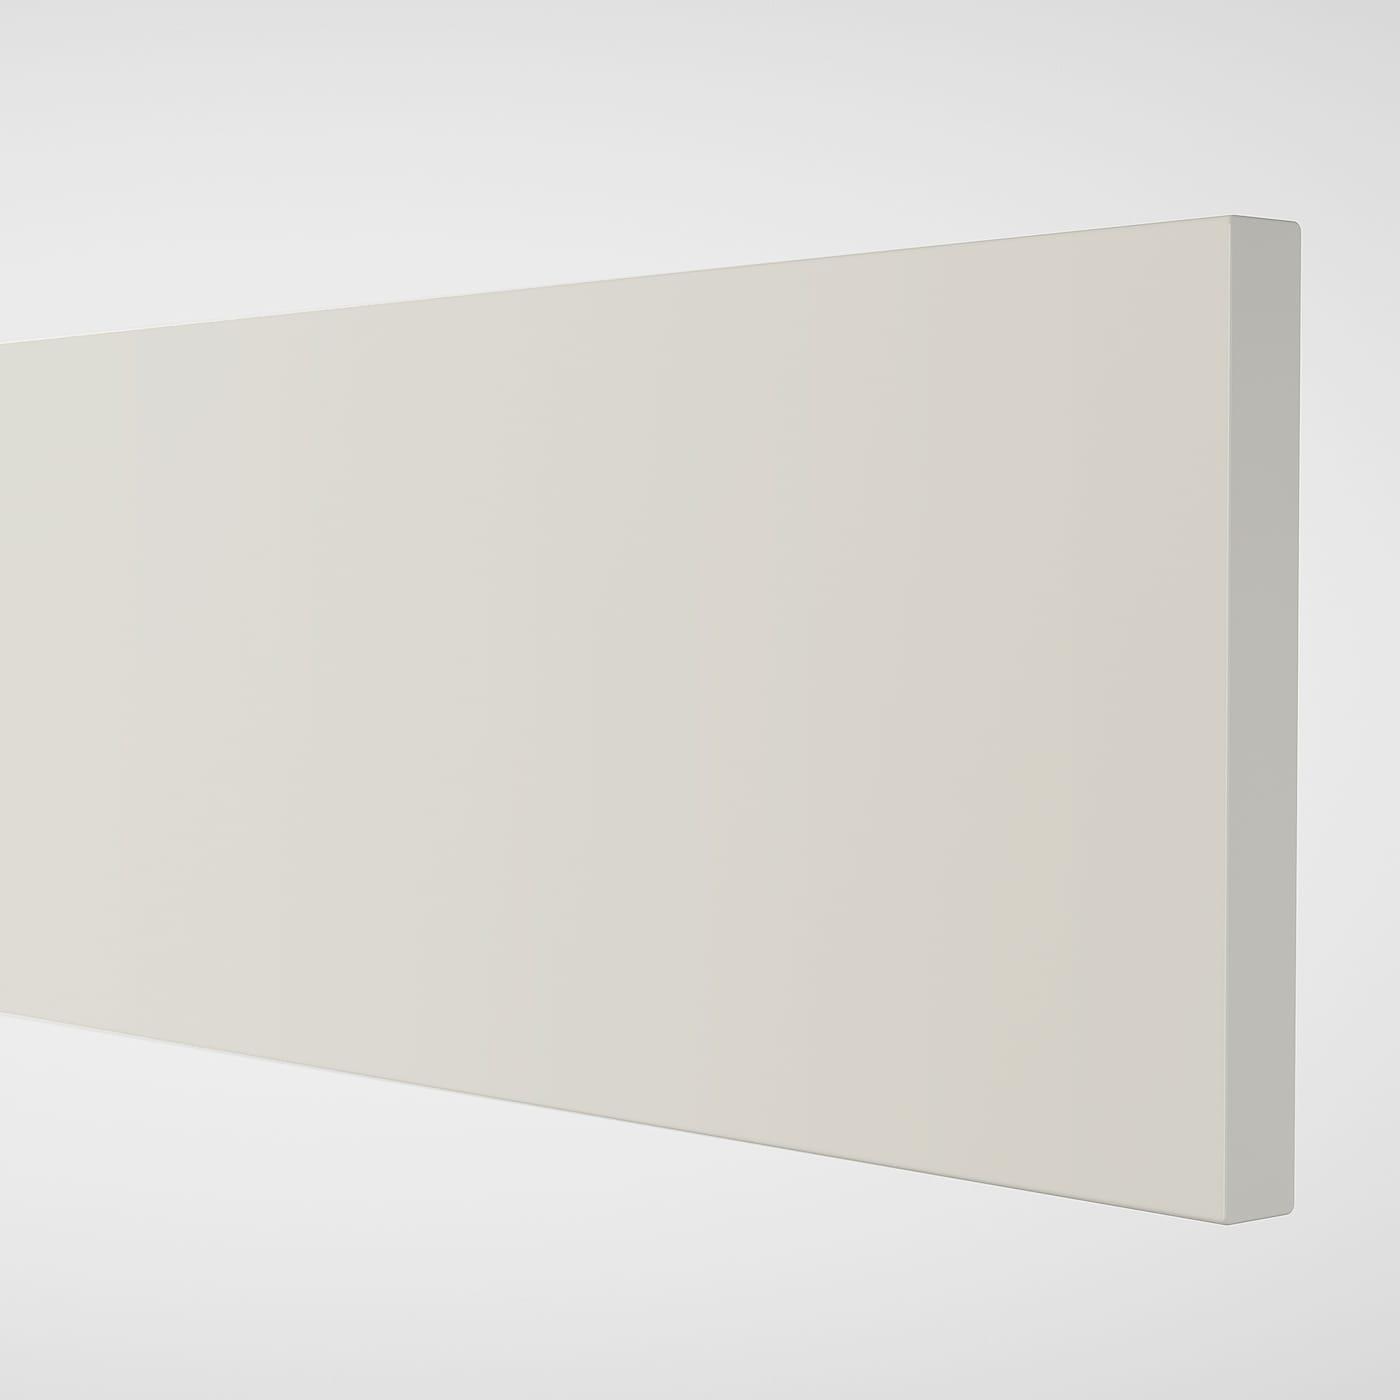 ENHET Drawer front for base cb f oven, white, 60x14 cm